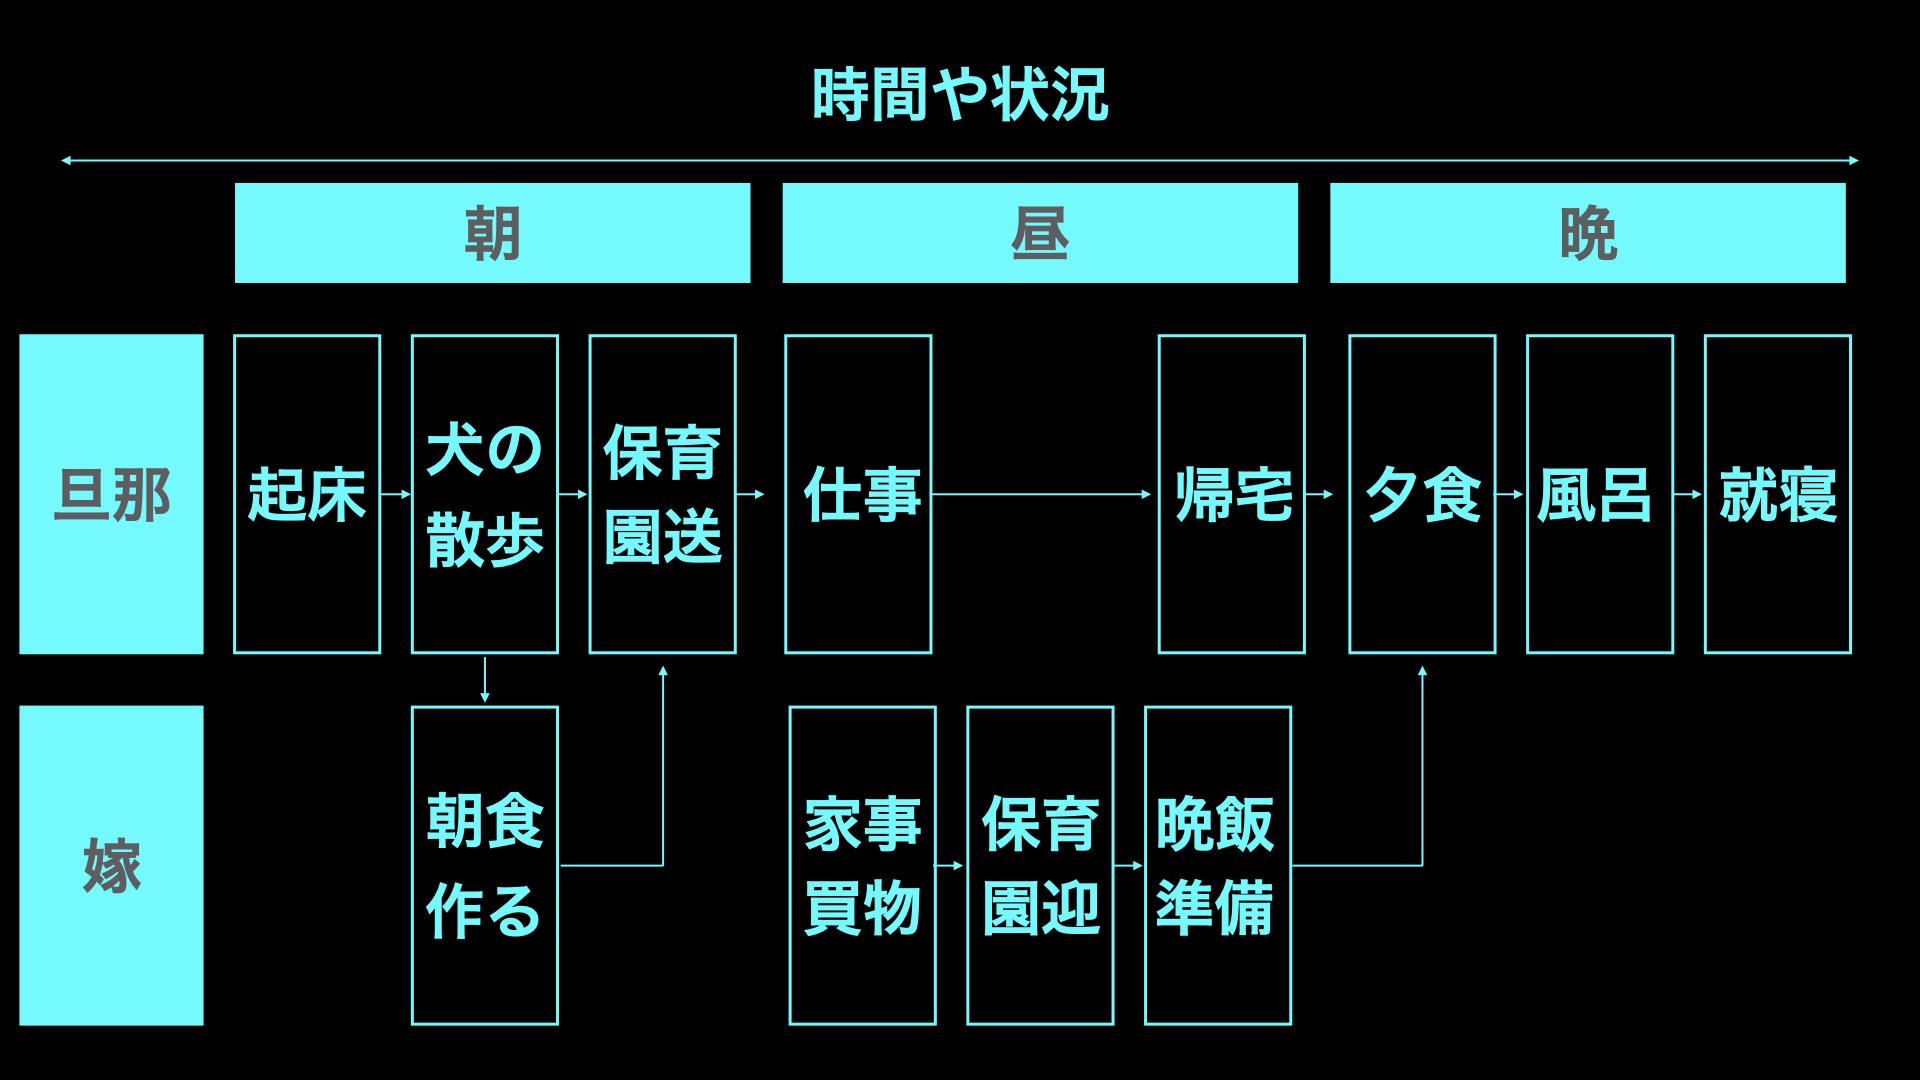 2020年9月最新版】MUP Usagi Bar【Startup Strategy:絶対に負けないスタートアップ戦略!?】